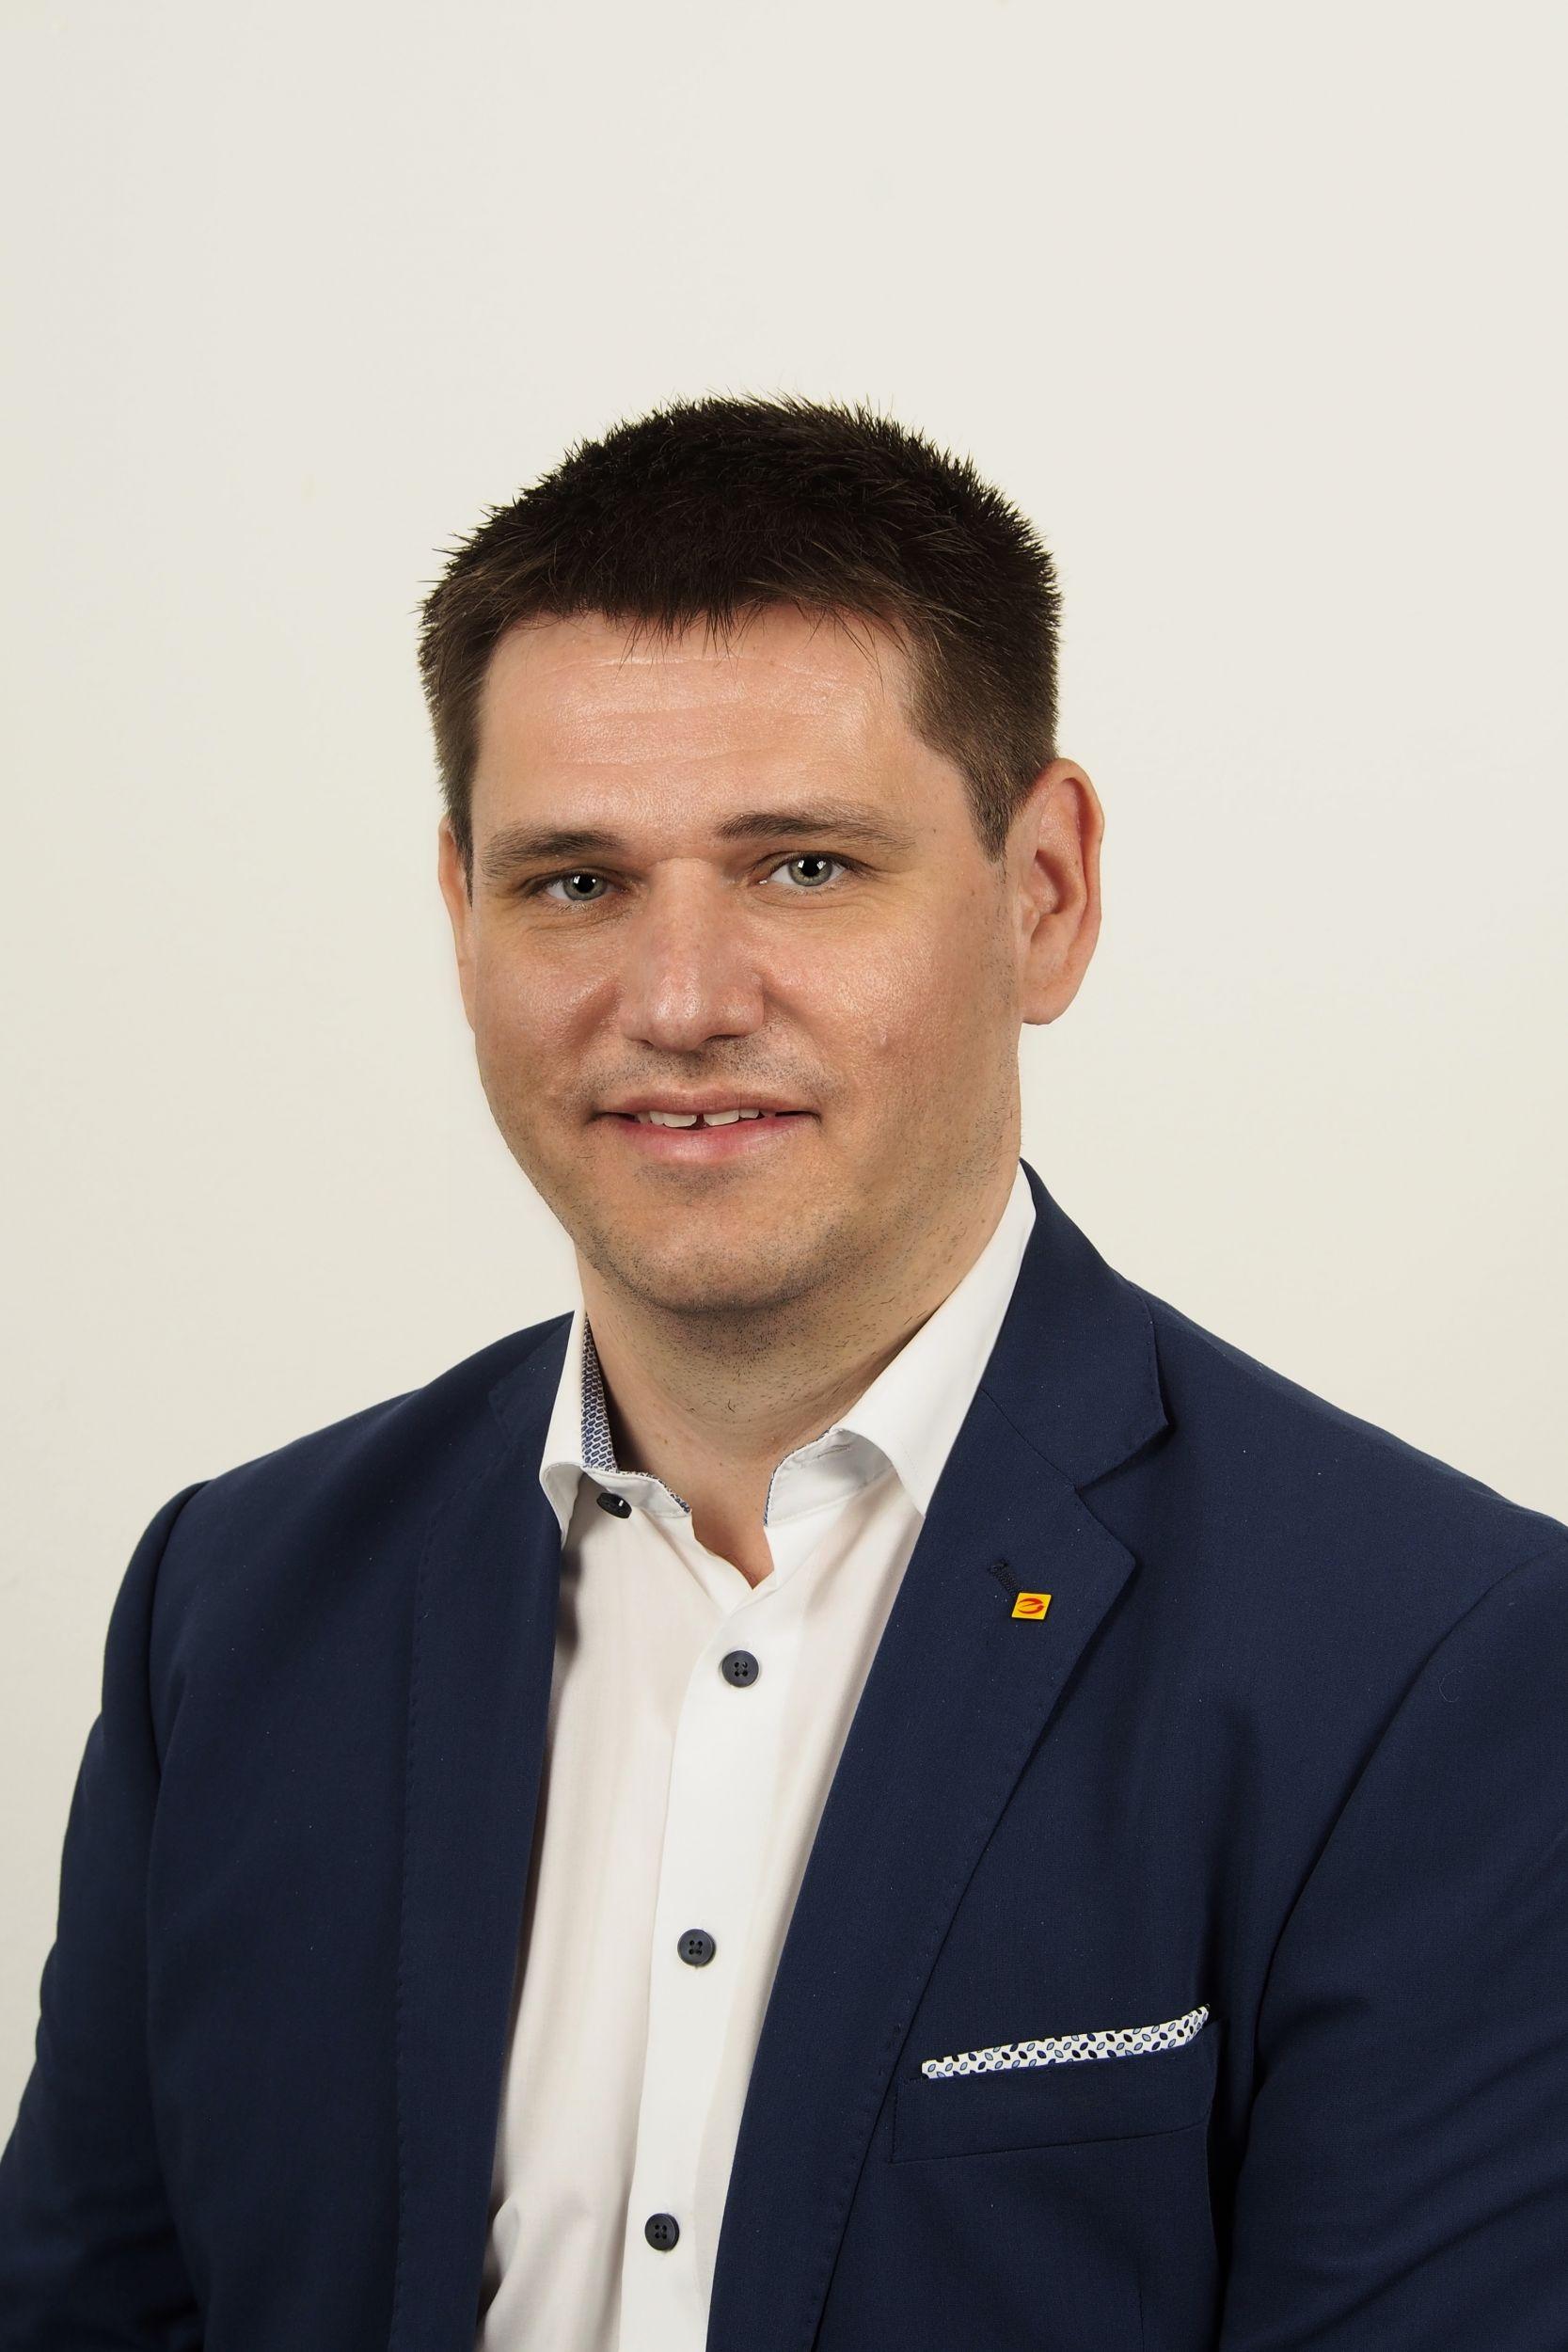 Neuer ZVEH-Vizepräsident gewählt